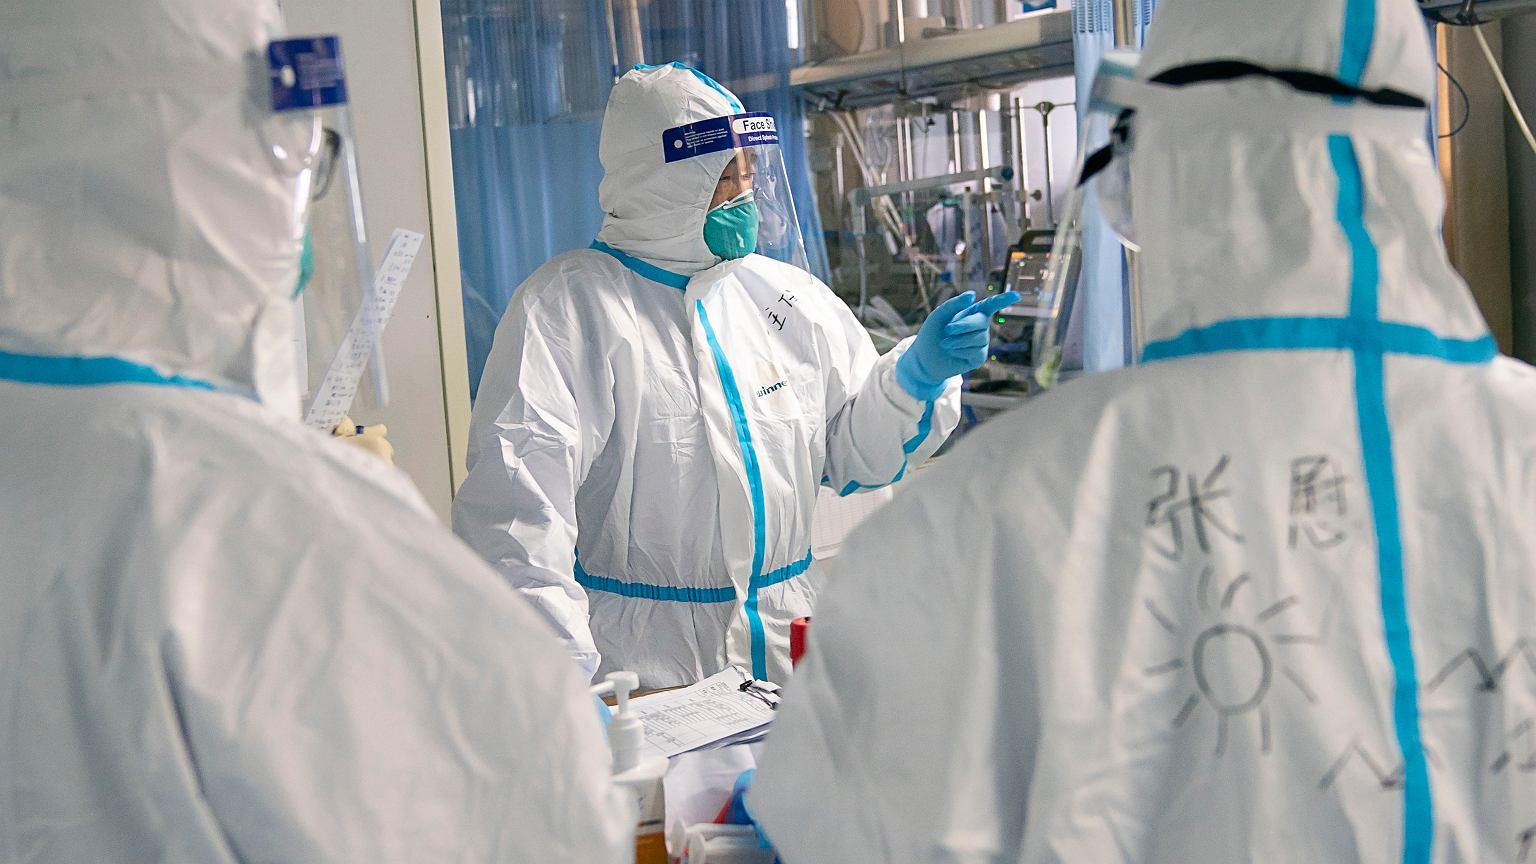 Koronawirus w Chinach. 56 milionów ludzi w 18 miastach objętych zakazem podróżowania | Wiadomości ze świata - Gazeta.pl